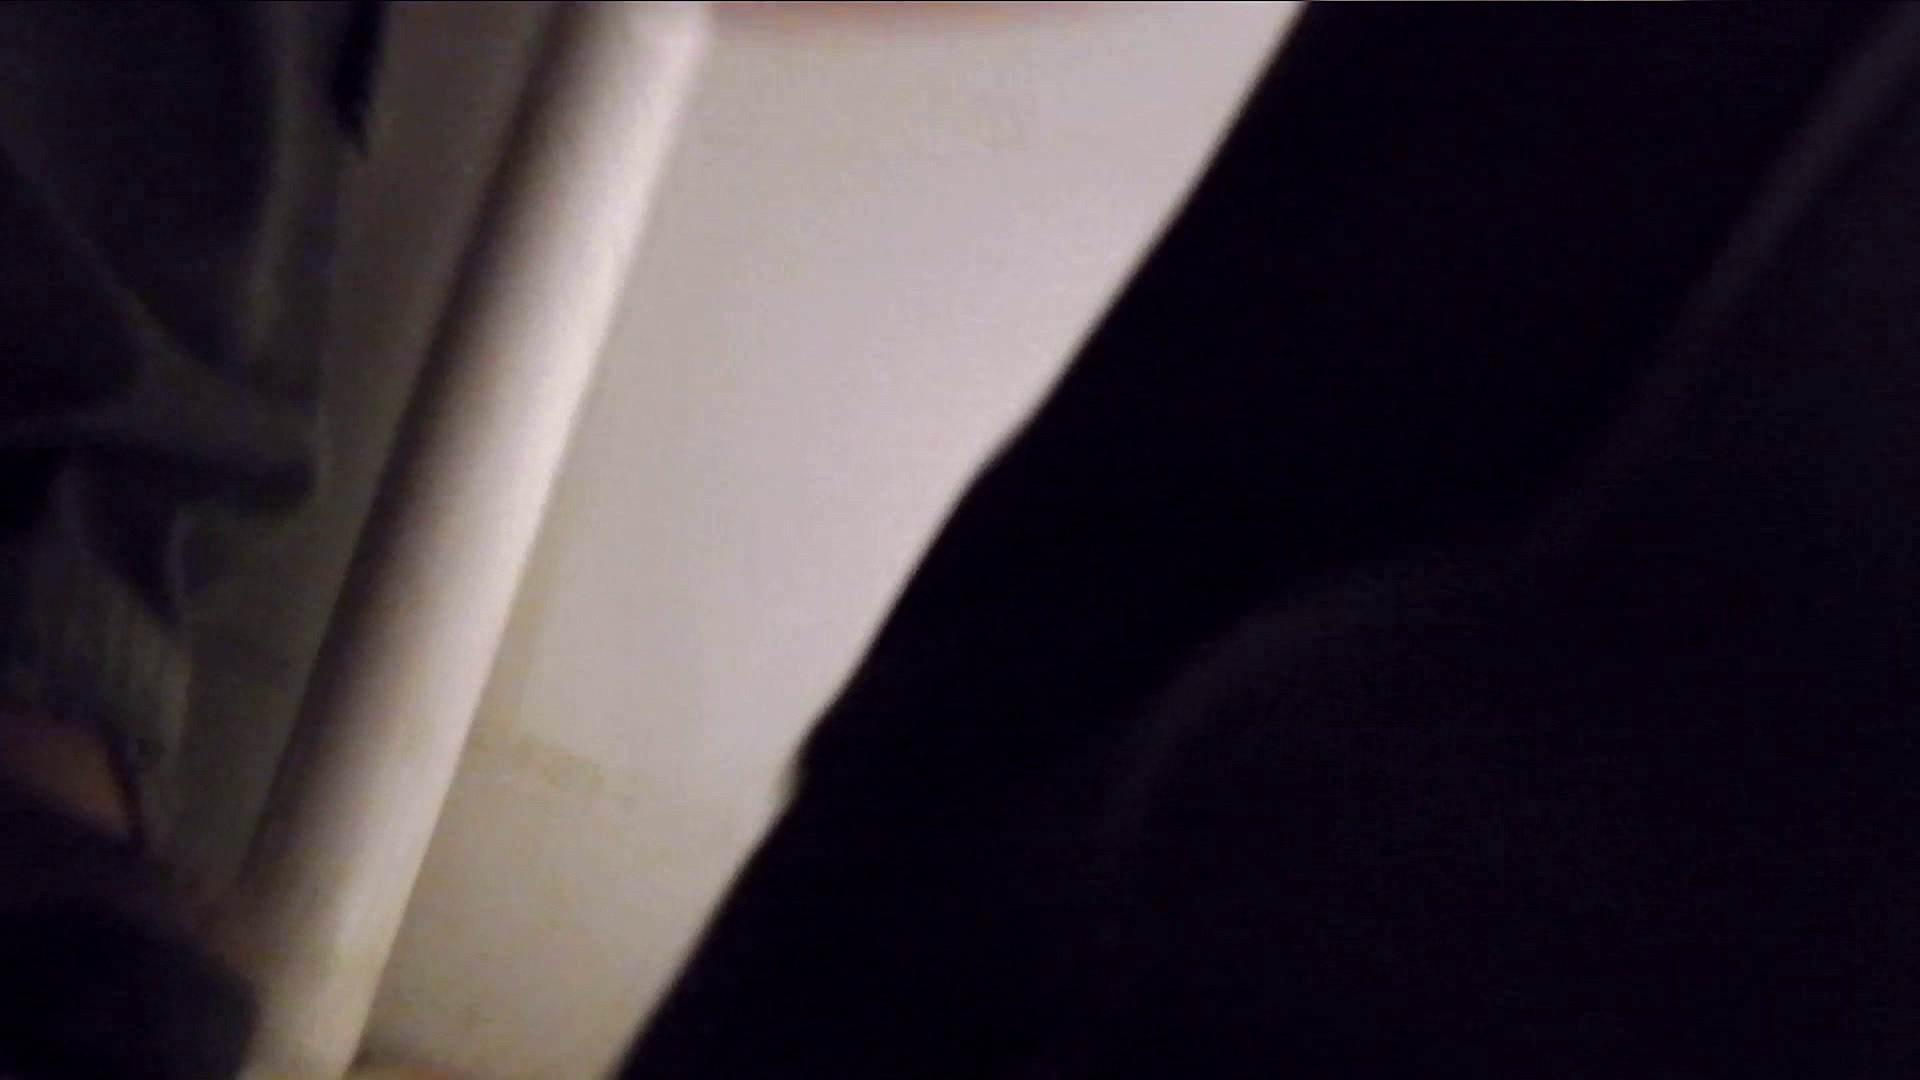 洗寿観音さんの 化粧室は四面楚歌Nol.1 洗面所  86PIX 3